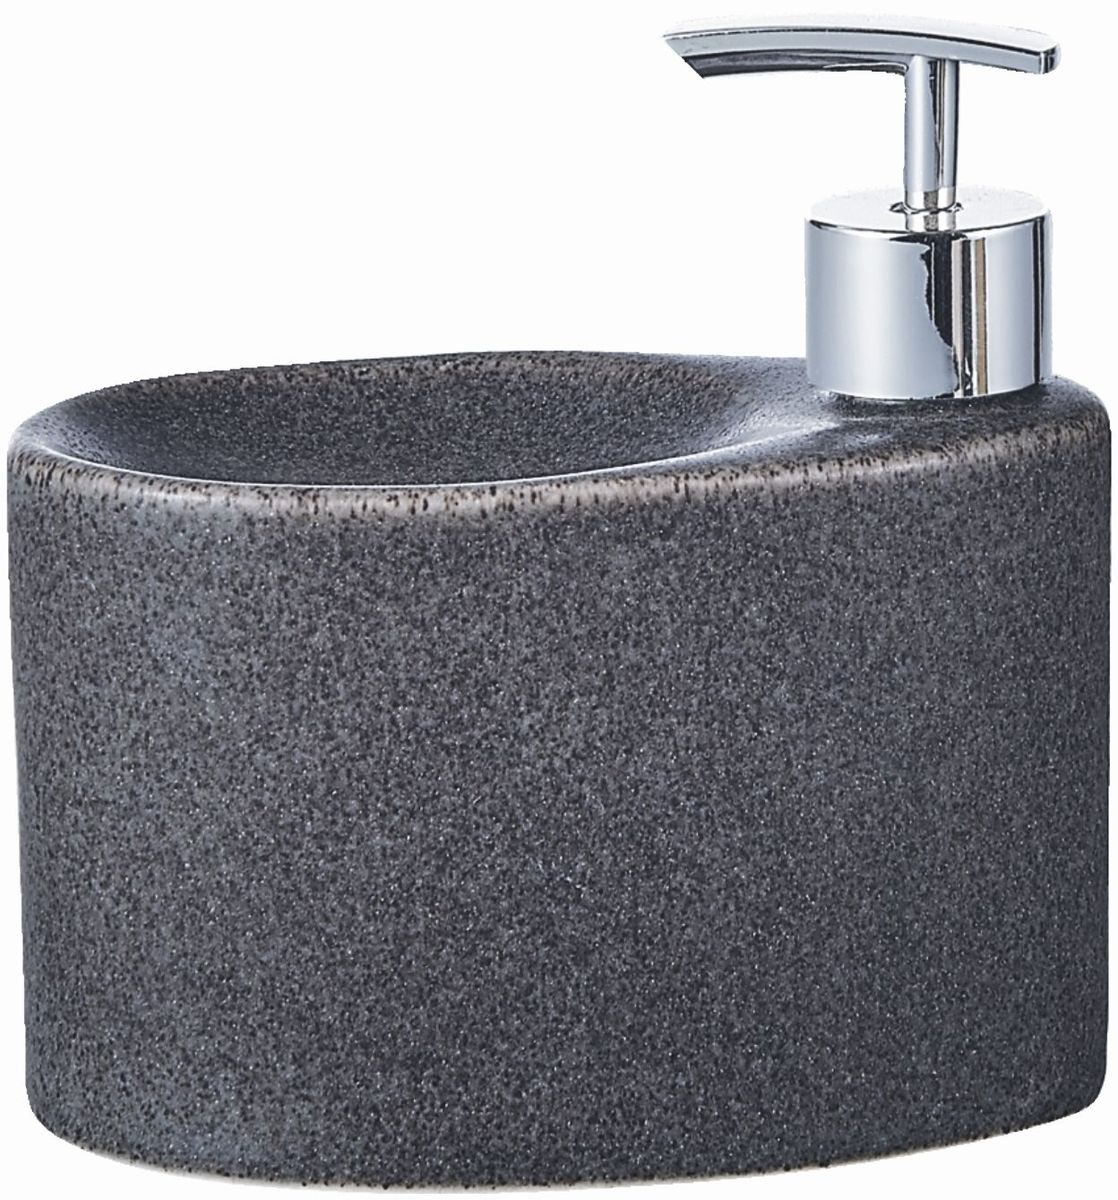 """Дозатор для жидкого мыла """"Elrington"""", изготовленный из керамики и металла, отлично подойдет для вашей ванной комнаты. Такой аксессуар очень удобен в использовании, достаточно лишь перелить жидкое мыло в дозатор, а когда необходимо использование мыла, легким нажатием выдавить нужное количество. Также изделие оснащено подставкой под губку.Дозатор для жидкого мыла """"Elrington"""" создаст особую атмосферу уюта и максимального комфорта в ванной."""